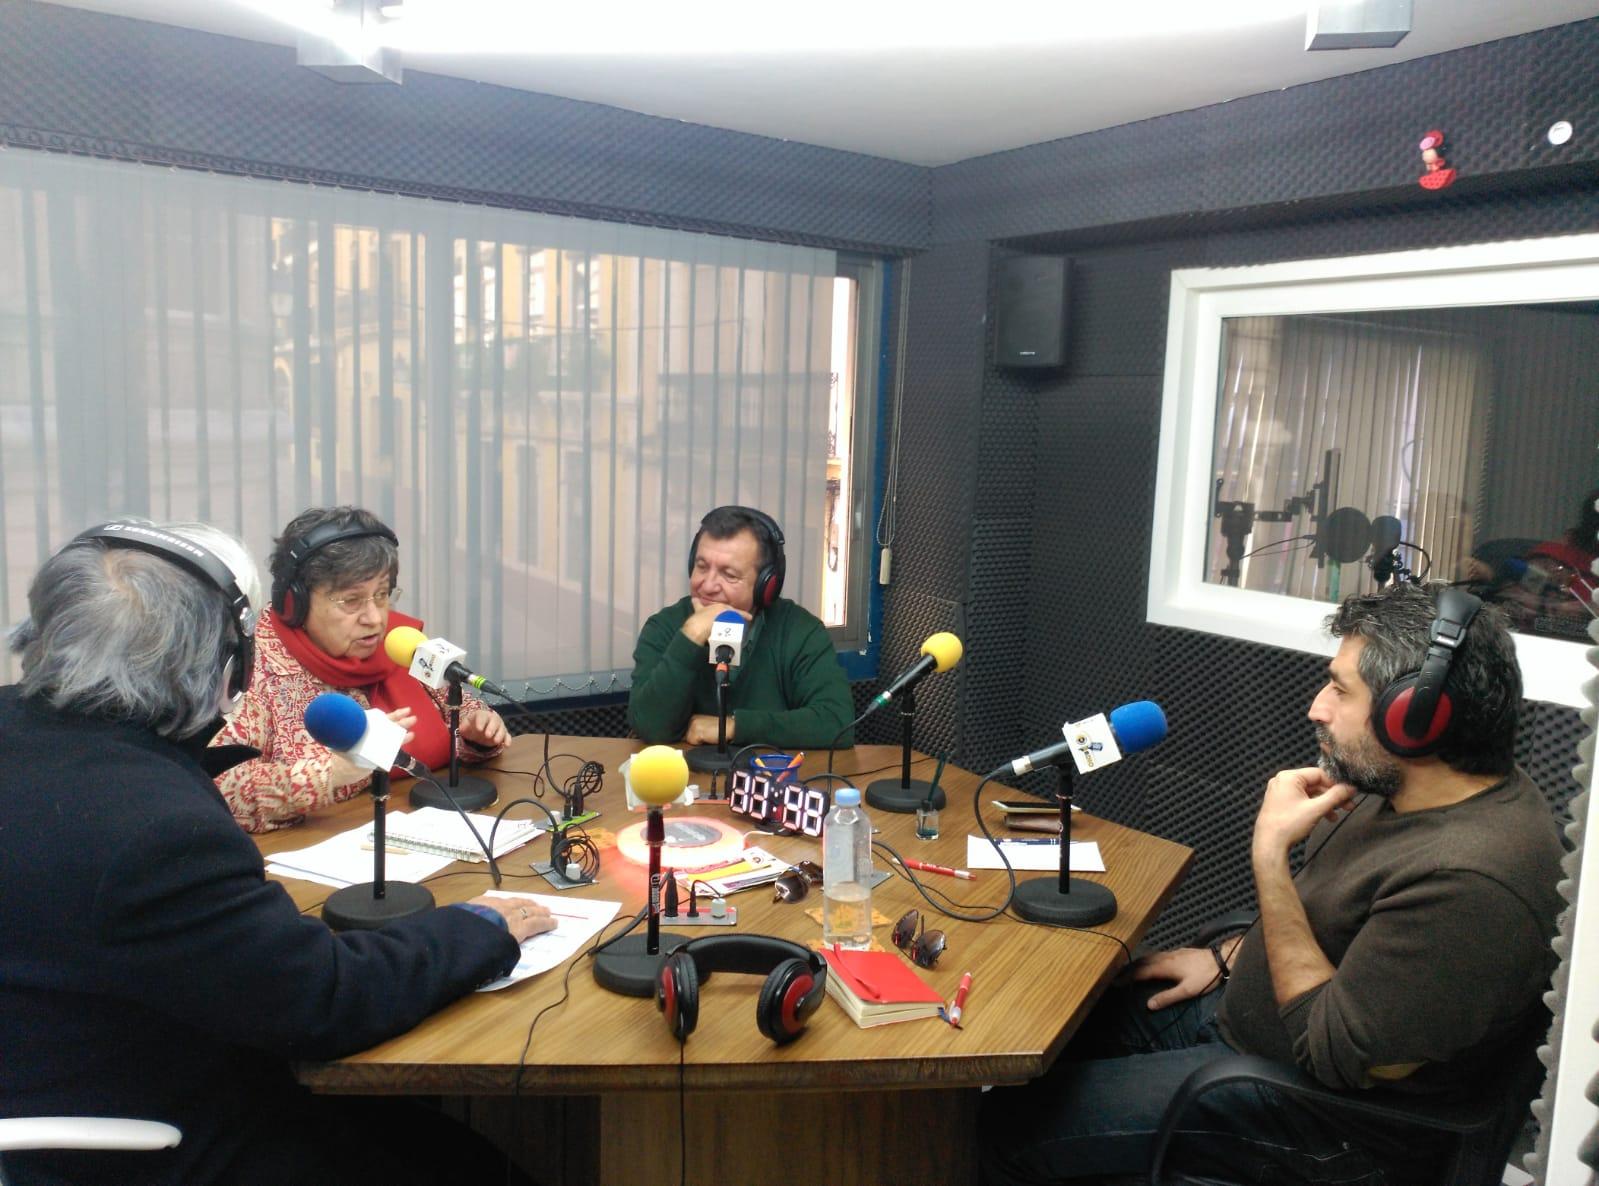 Décimo tercer programa de la 3ª temporada de ¡Qué tal!¿Cómo estamos? Con Inés Fontiveros y Álex Castellano